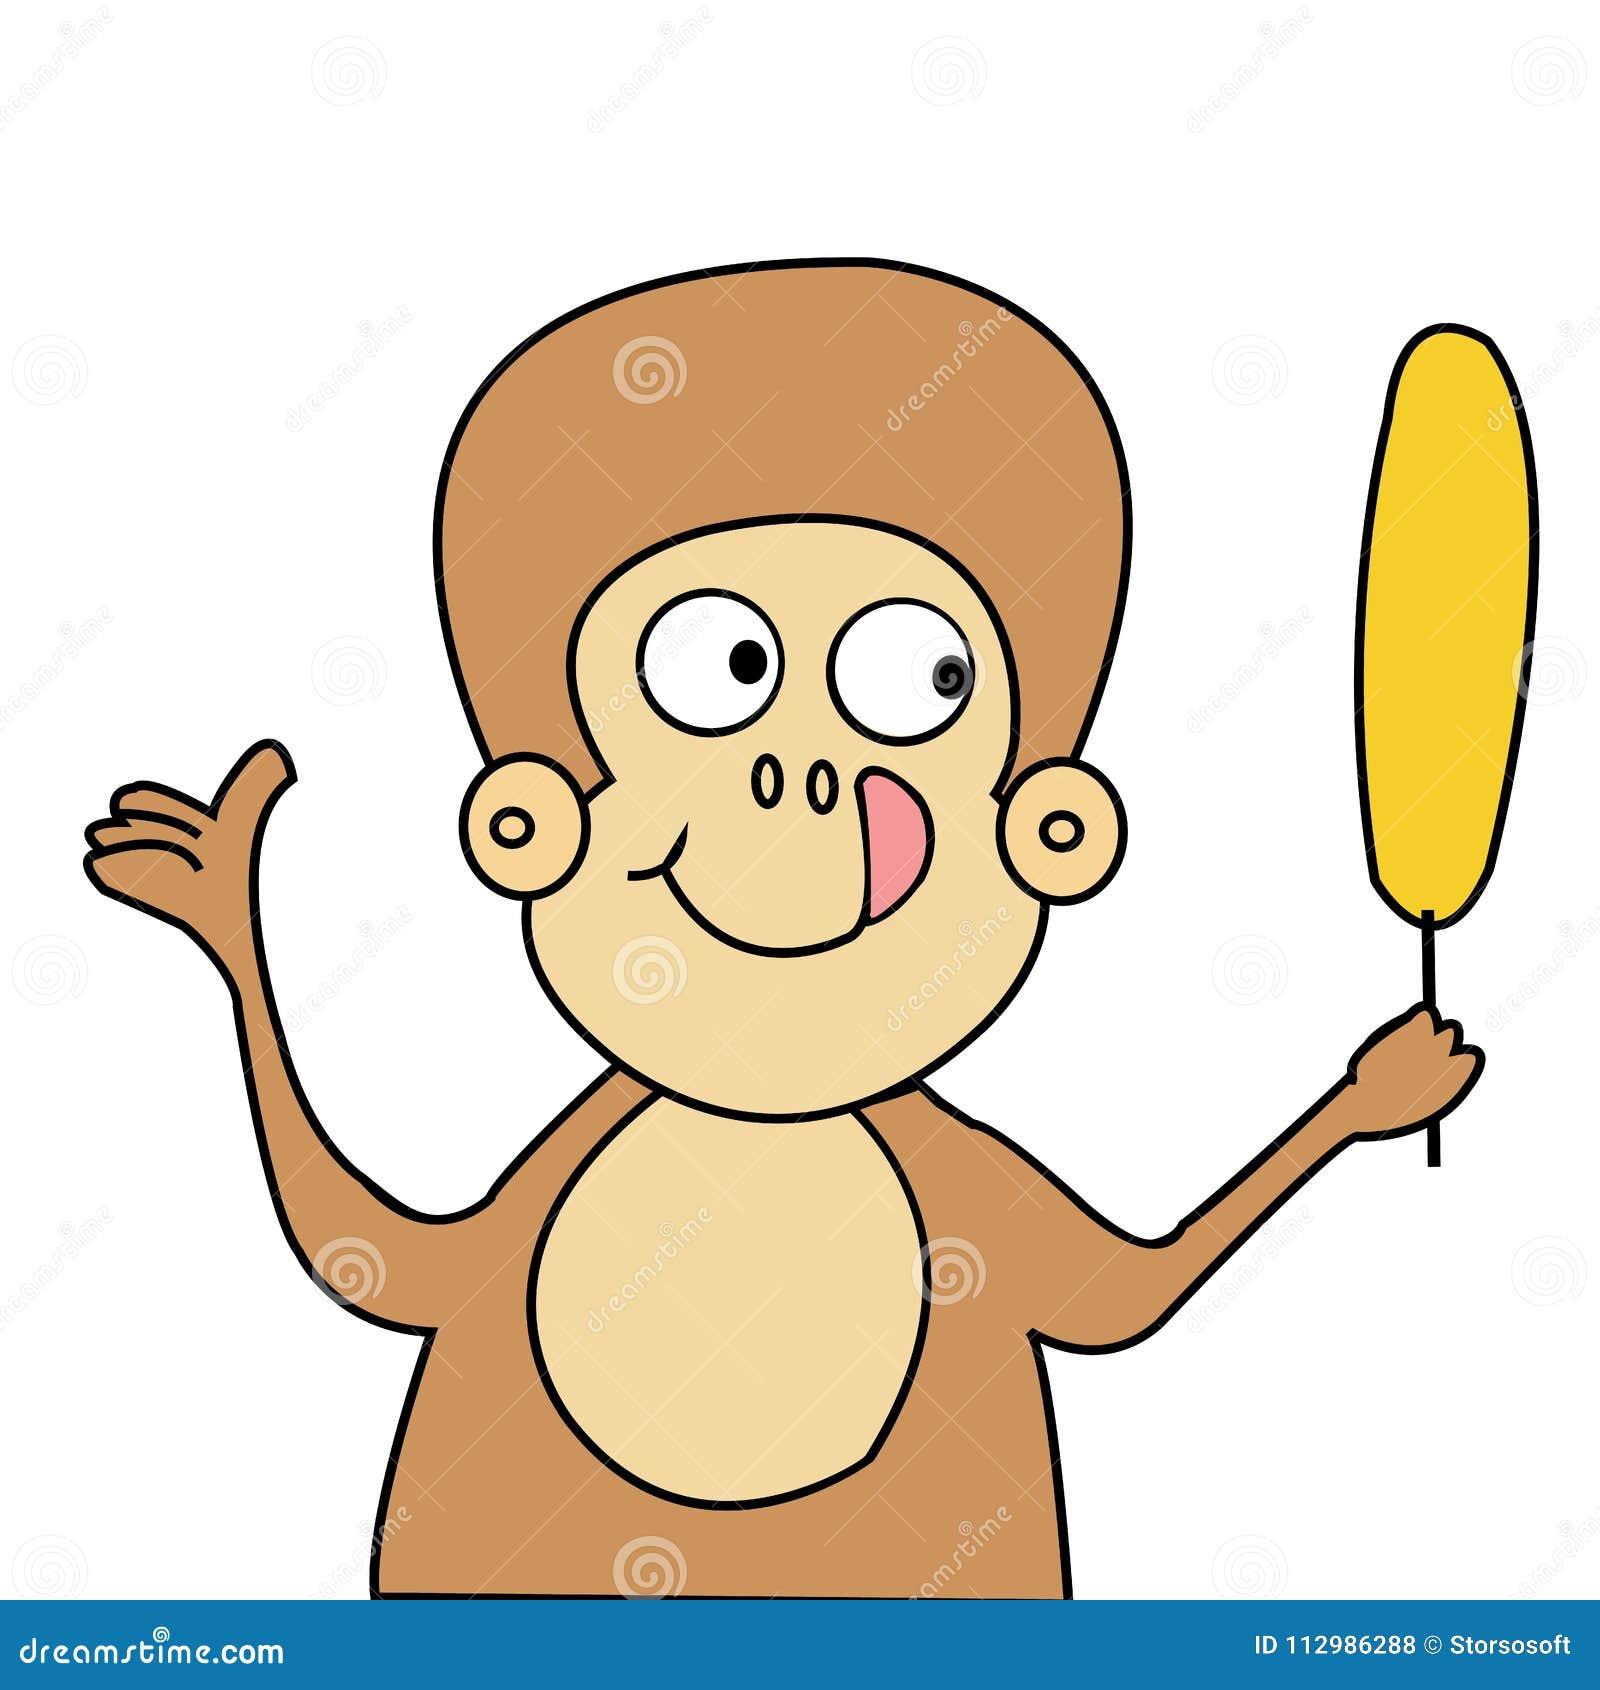 Funny monkey and banana cartoon vector